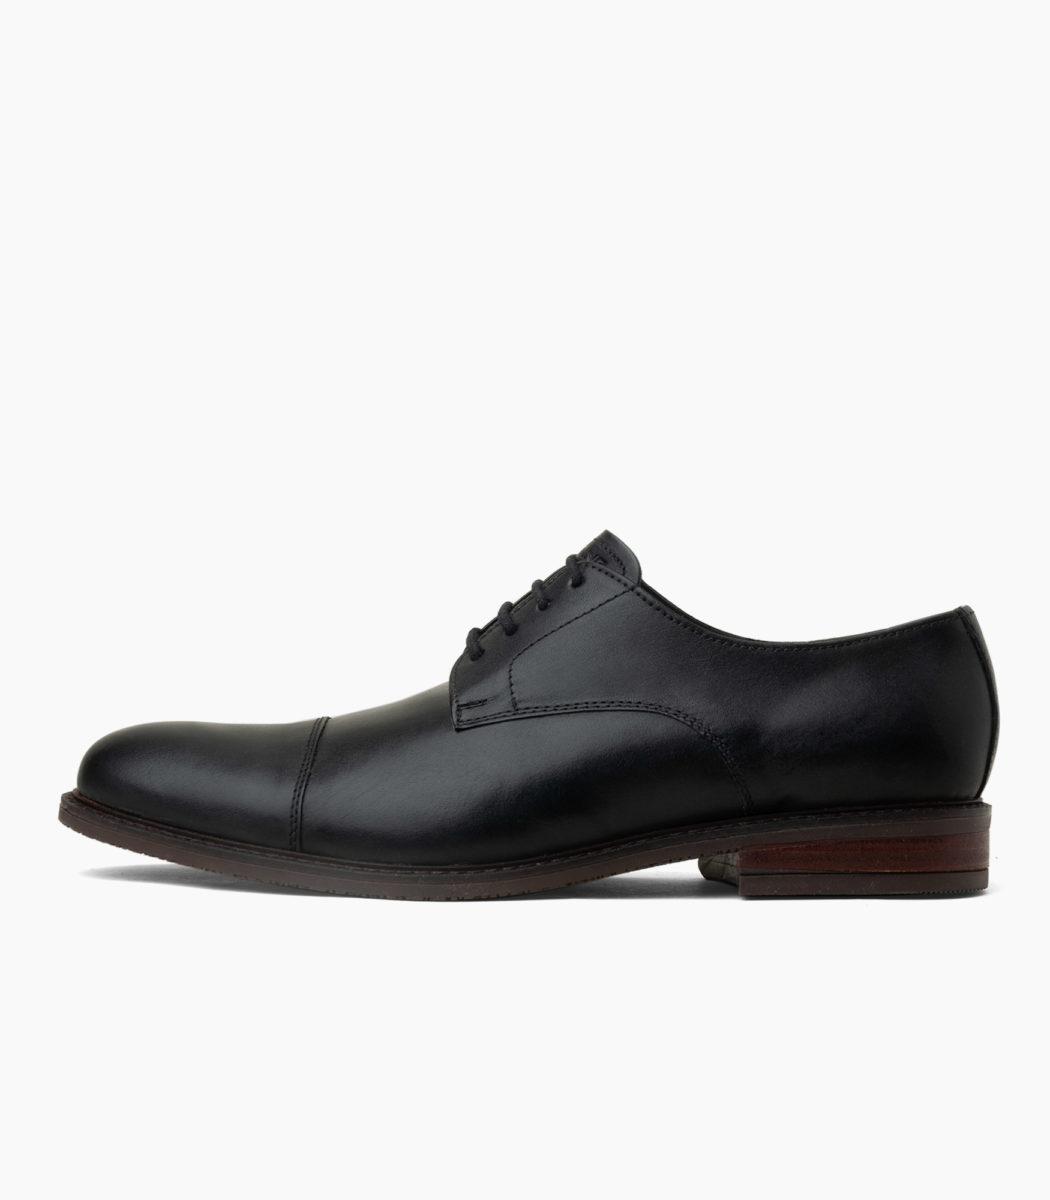 boating-zapato-hombre-vestir-urban-BZH14150132-01